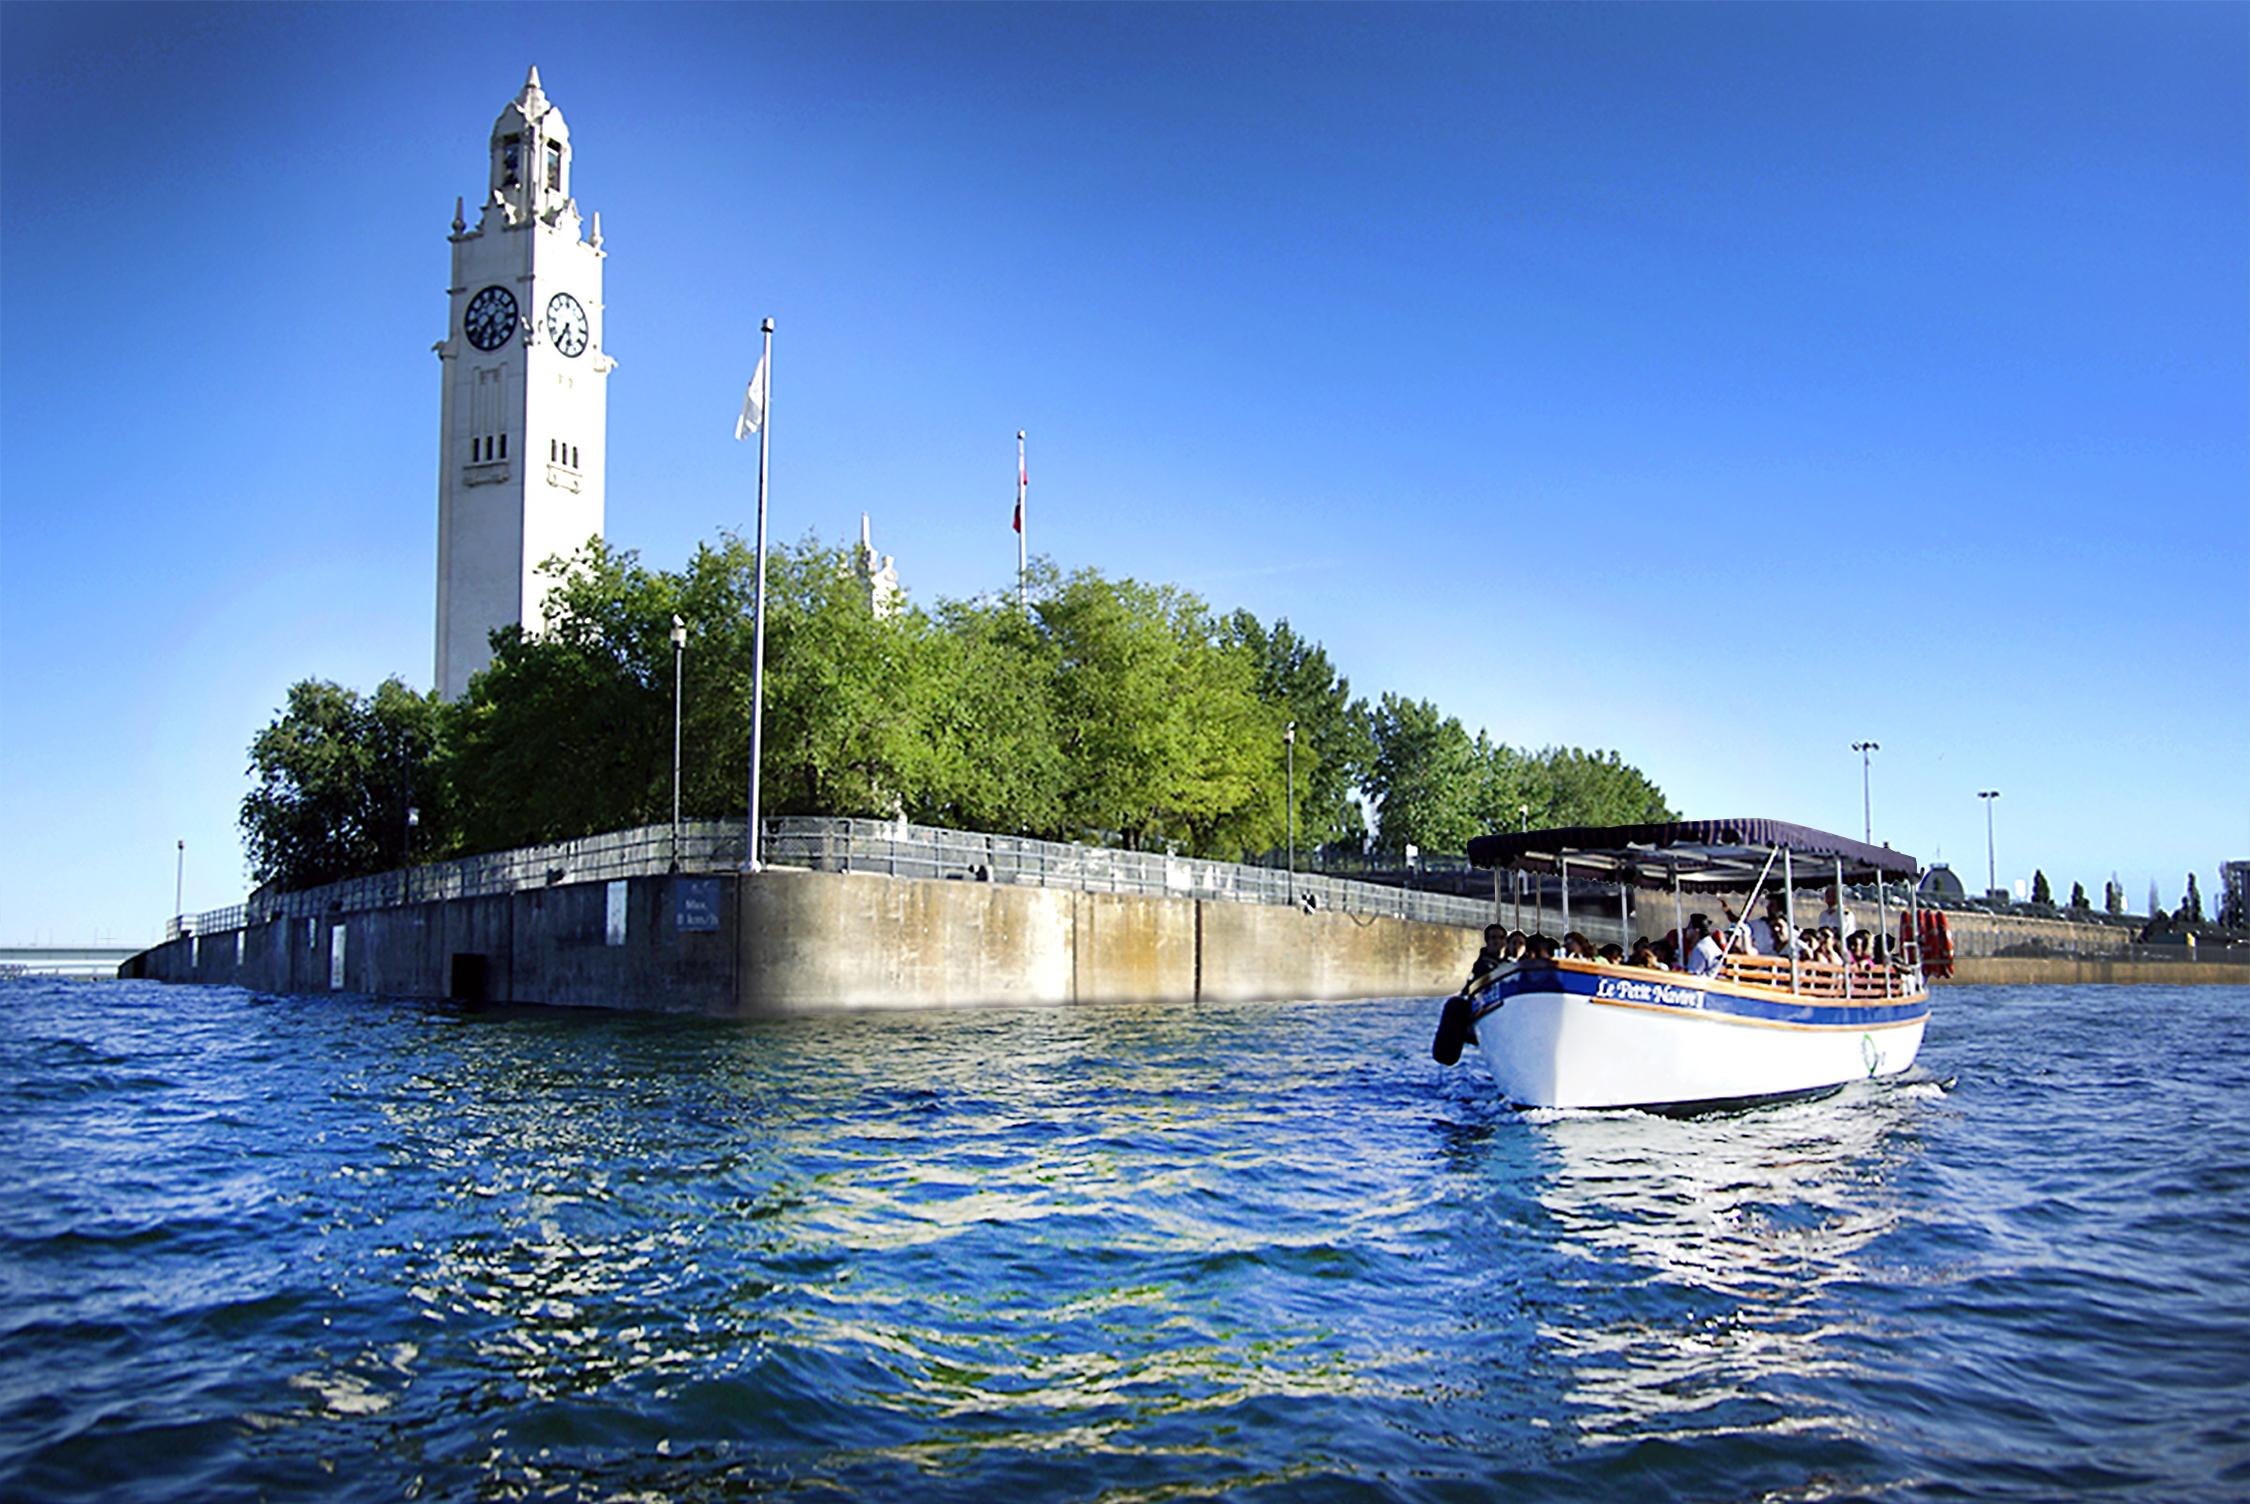 Le Petit Navire Old Port Of Montr 233 Al